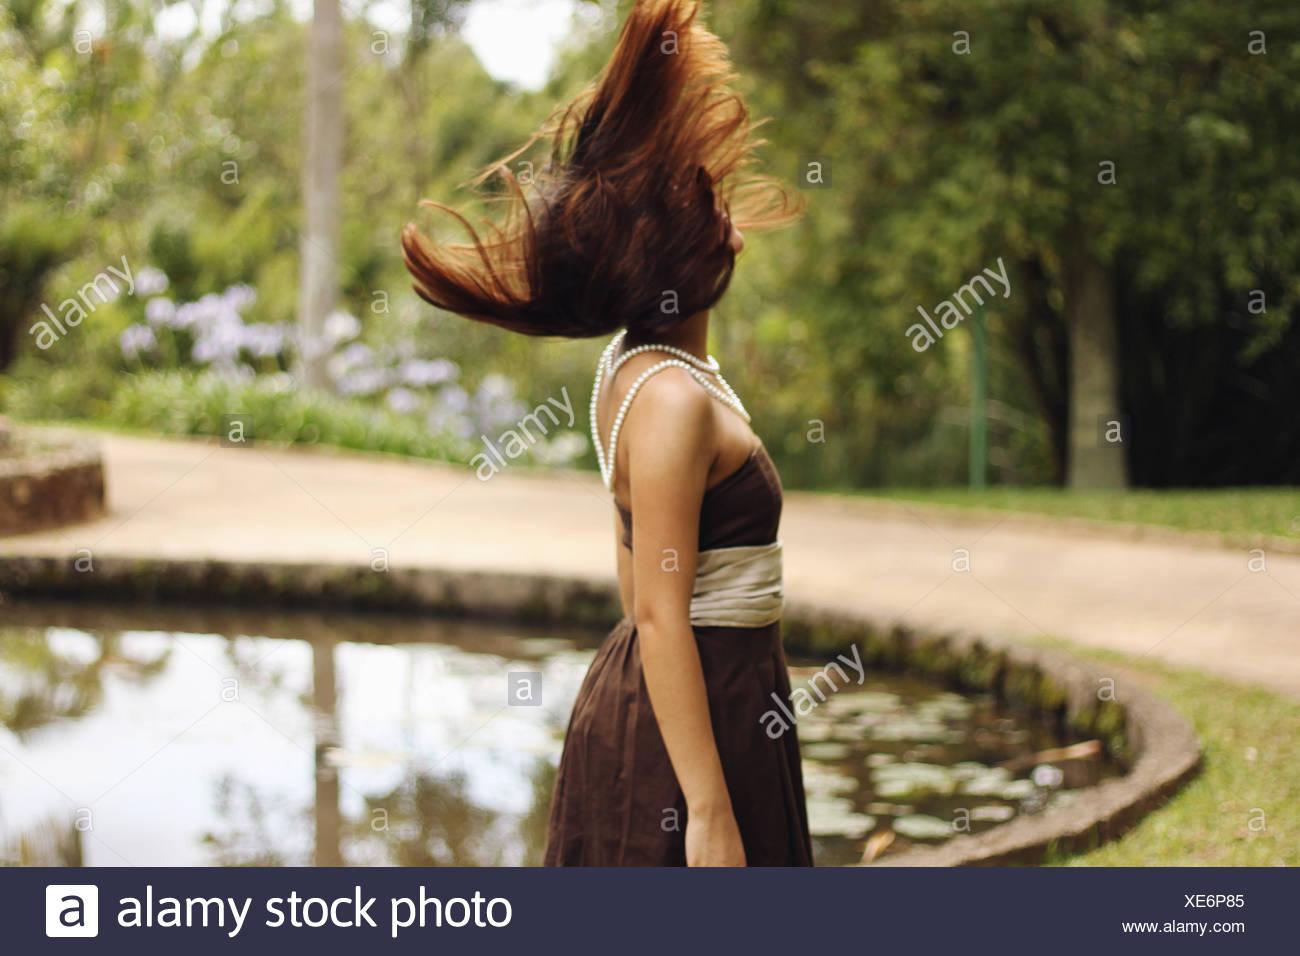 Vista lateral de una mujer con el cabello marrón quemado por la campiña Lake Imagen De Stock